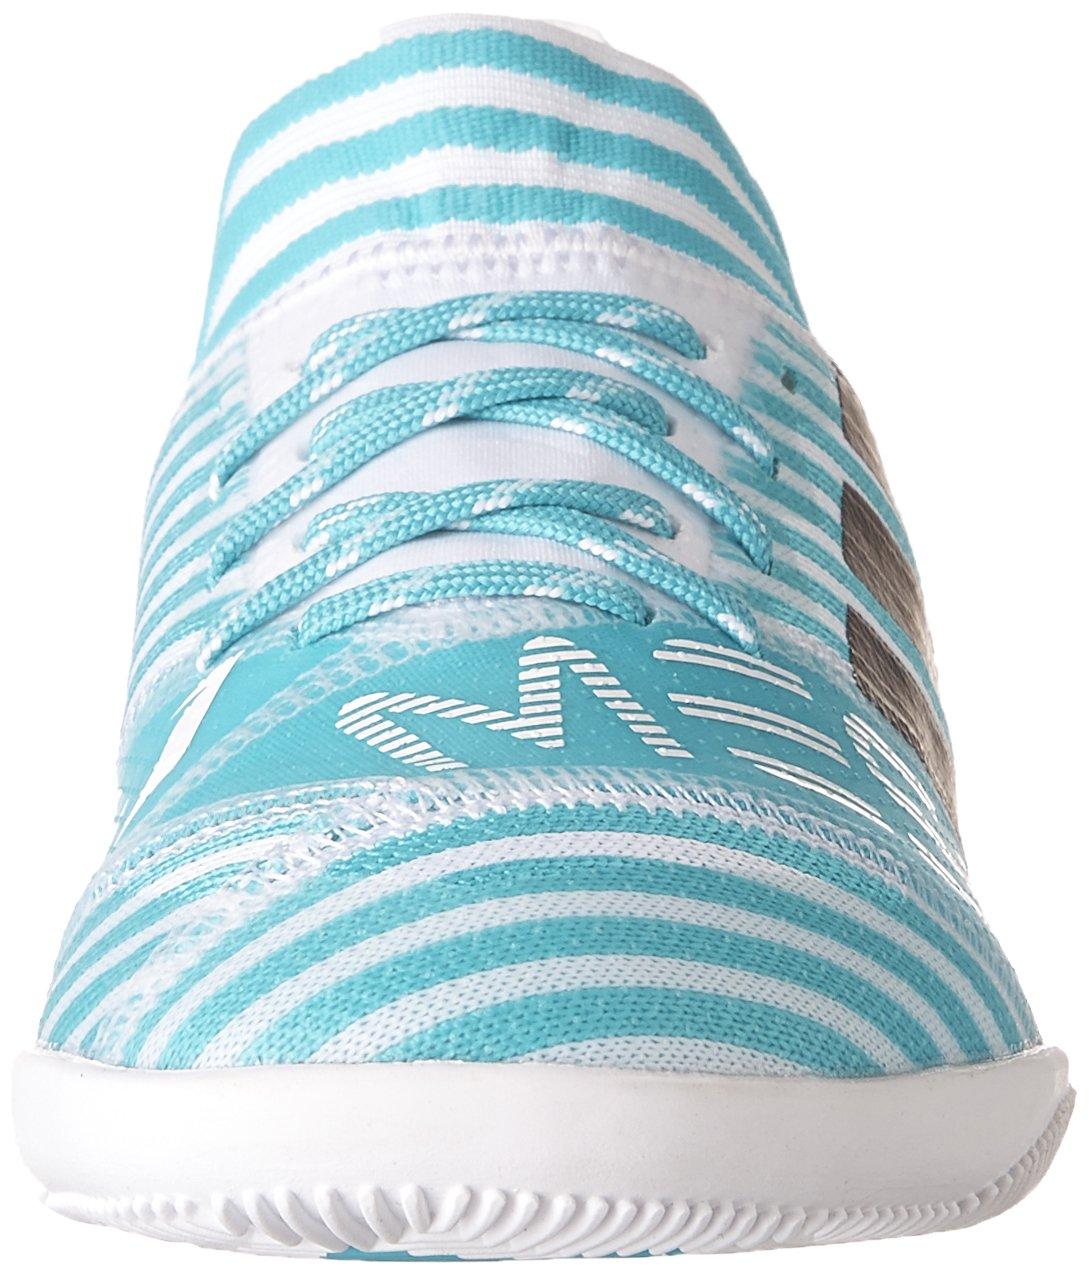 10e9408a4 adidas Boys  NEMEZIZ Messi Tango 17.3 Indoor Soccer Shoes BY2418 larger  image